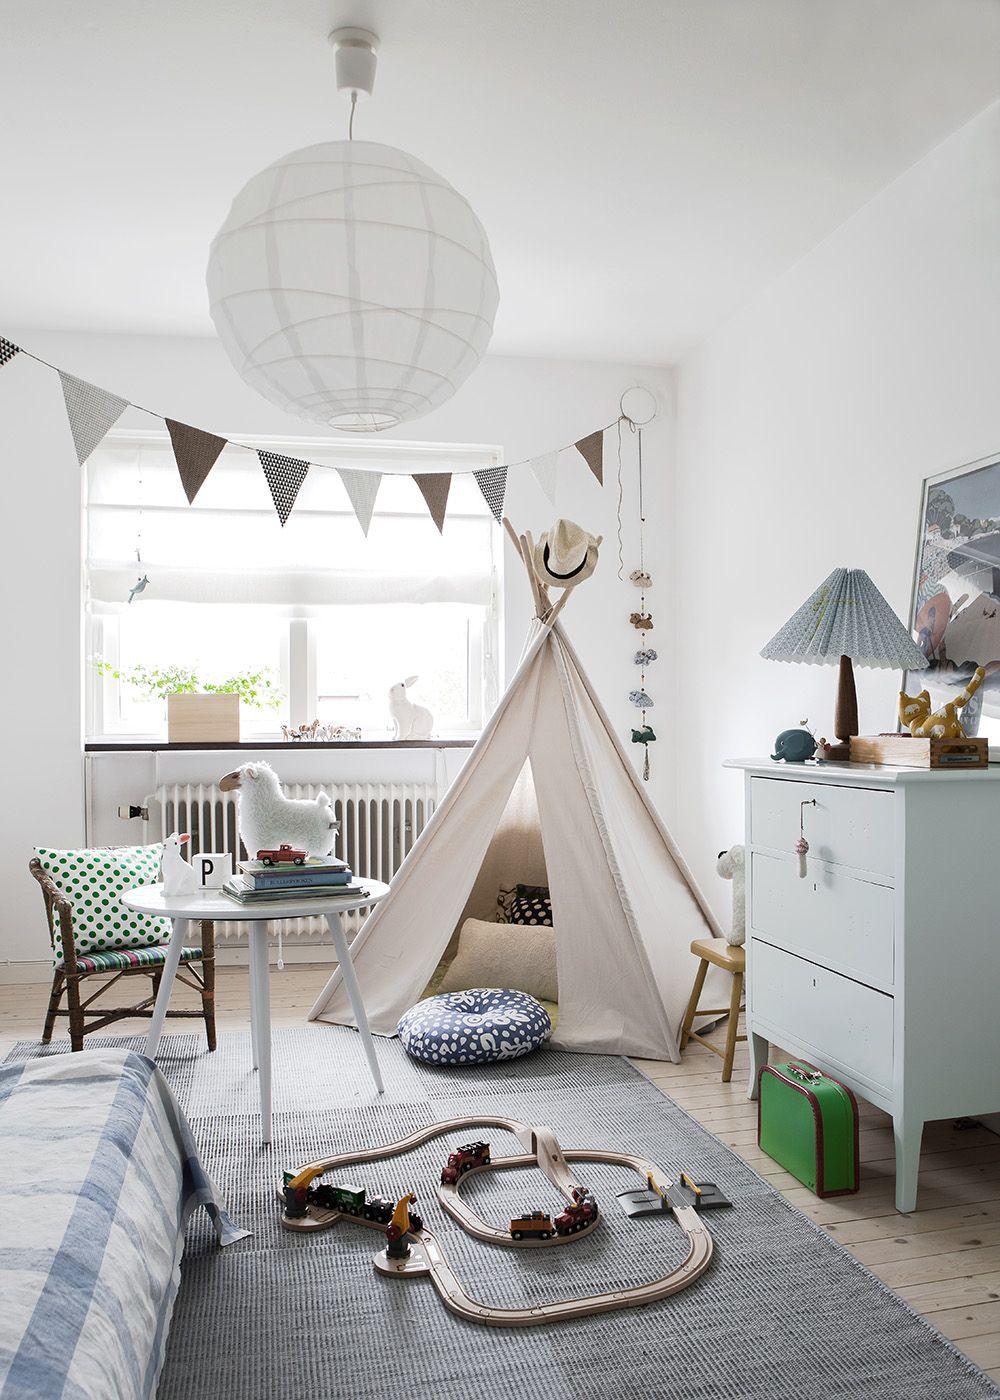 Tư vấn thiết kế căn nhà phong cách Scandinavian đơn giản mà đầy tinh tế với chi phí 155 triệu - Ảnh 12.